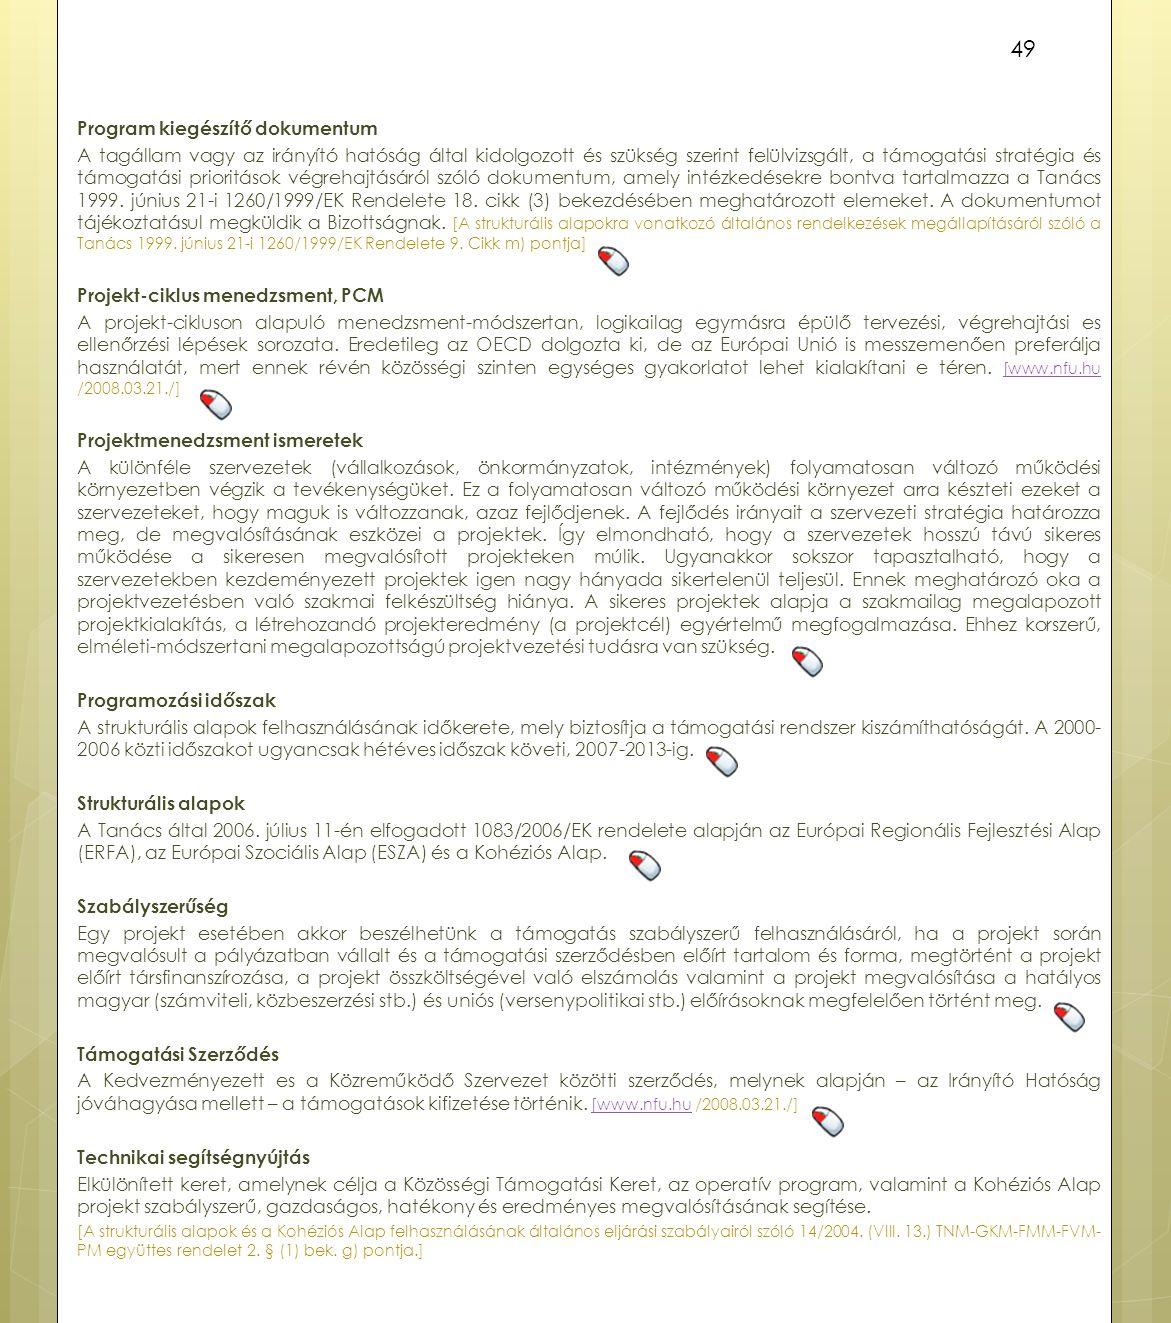 Program kiegészítő dokumentum A tagállam vagy az irányító hatóság által kidolgozott és szükség szerint felülvizsgált, a támogatási stratégia és támoga